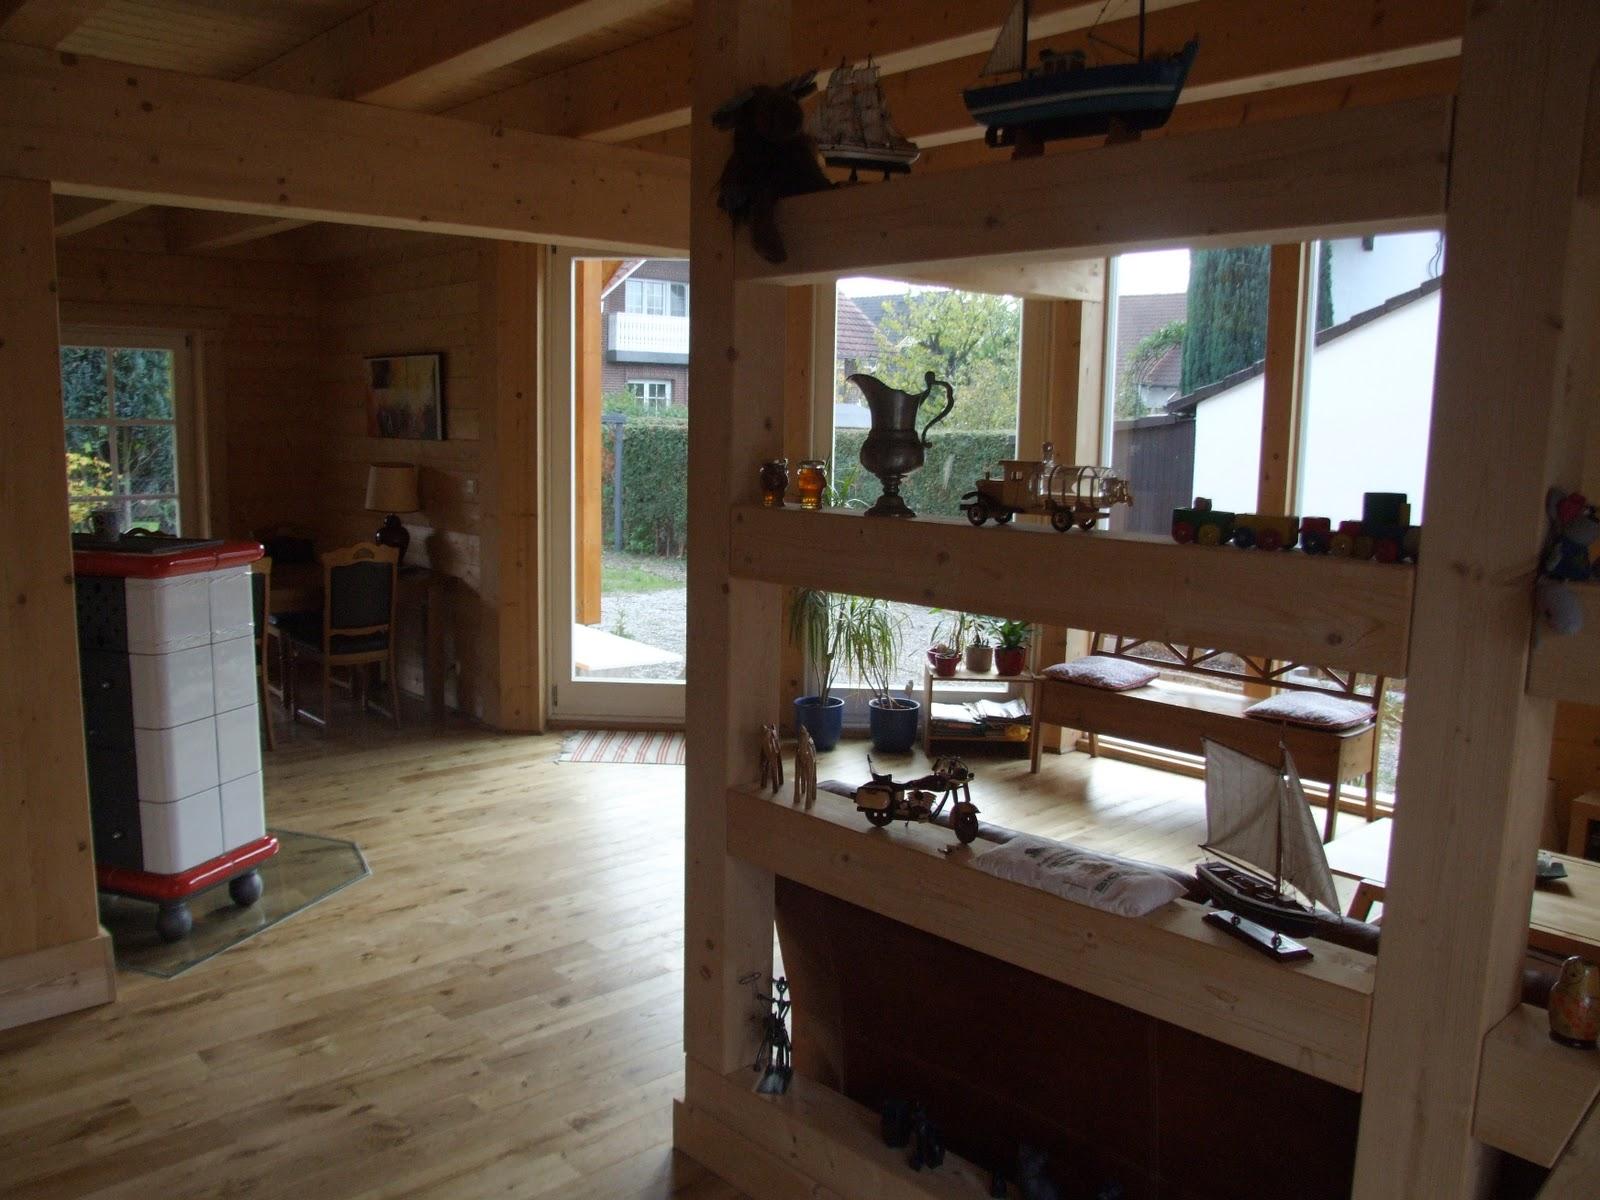 #372518 Maison En Bois Leonwood: Salon Salle à Manger Vue Sur Le  3555 salle a manger en chene massif 1600x1200 px @ aertt.com